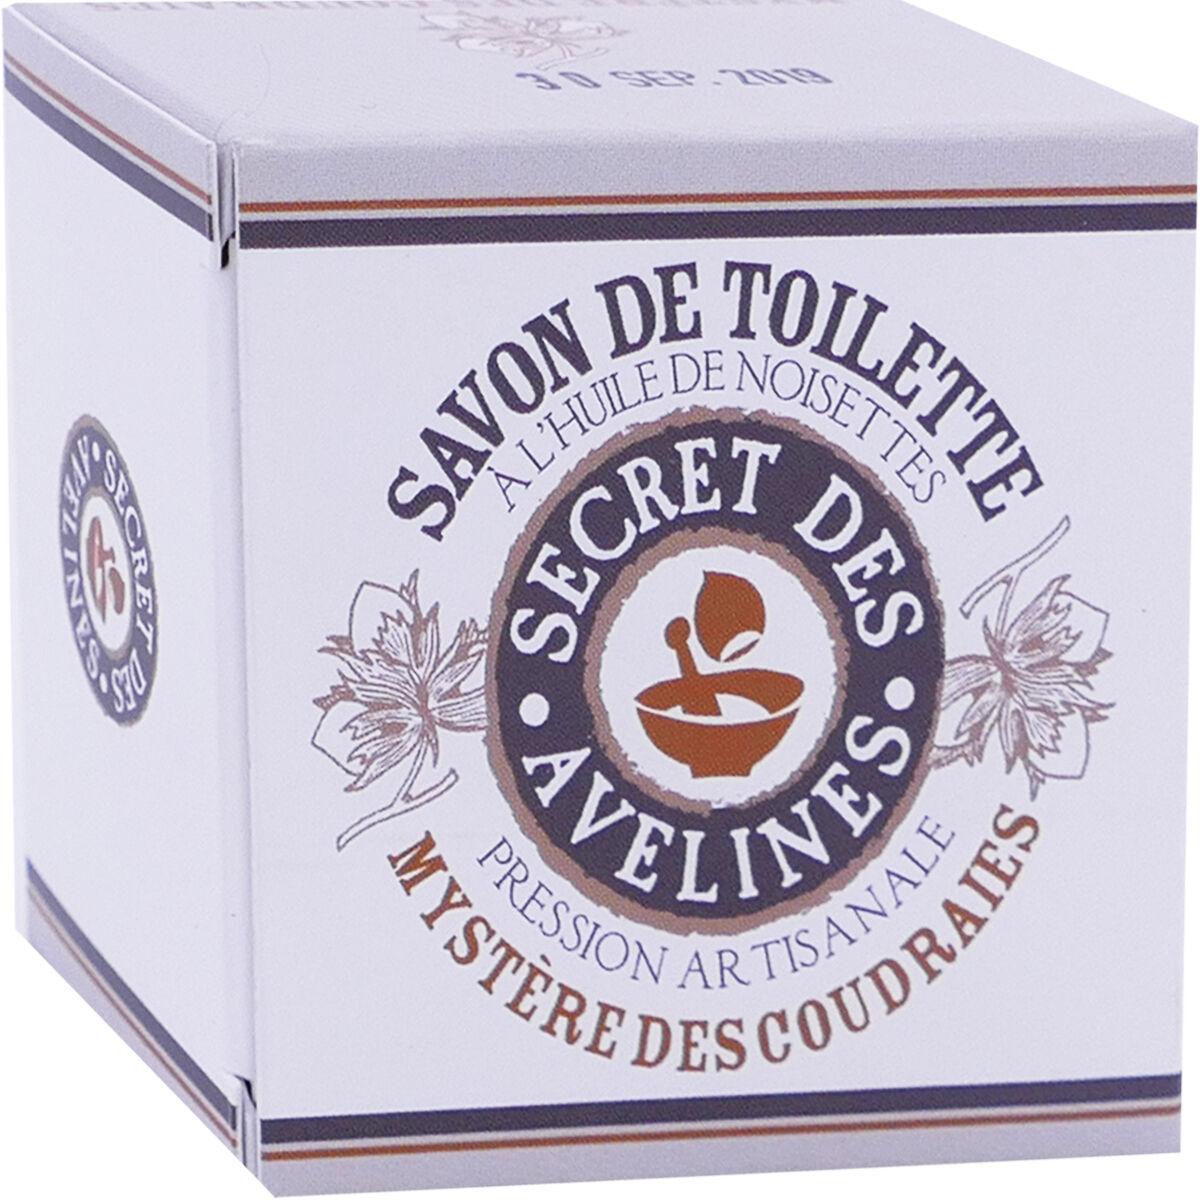 Secret des avelines savon de toilette huile de noisettes 100 gr